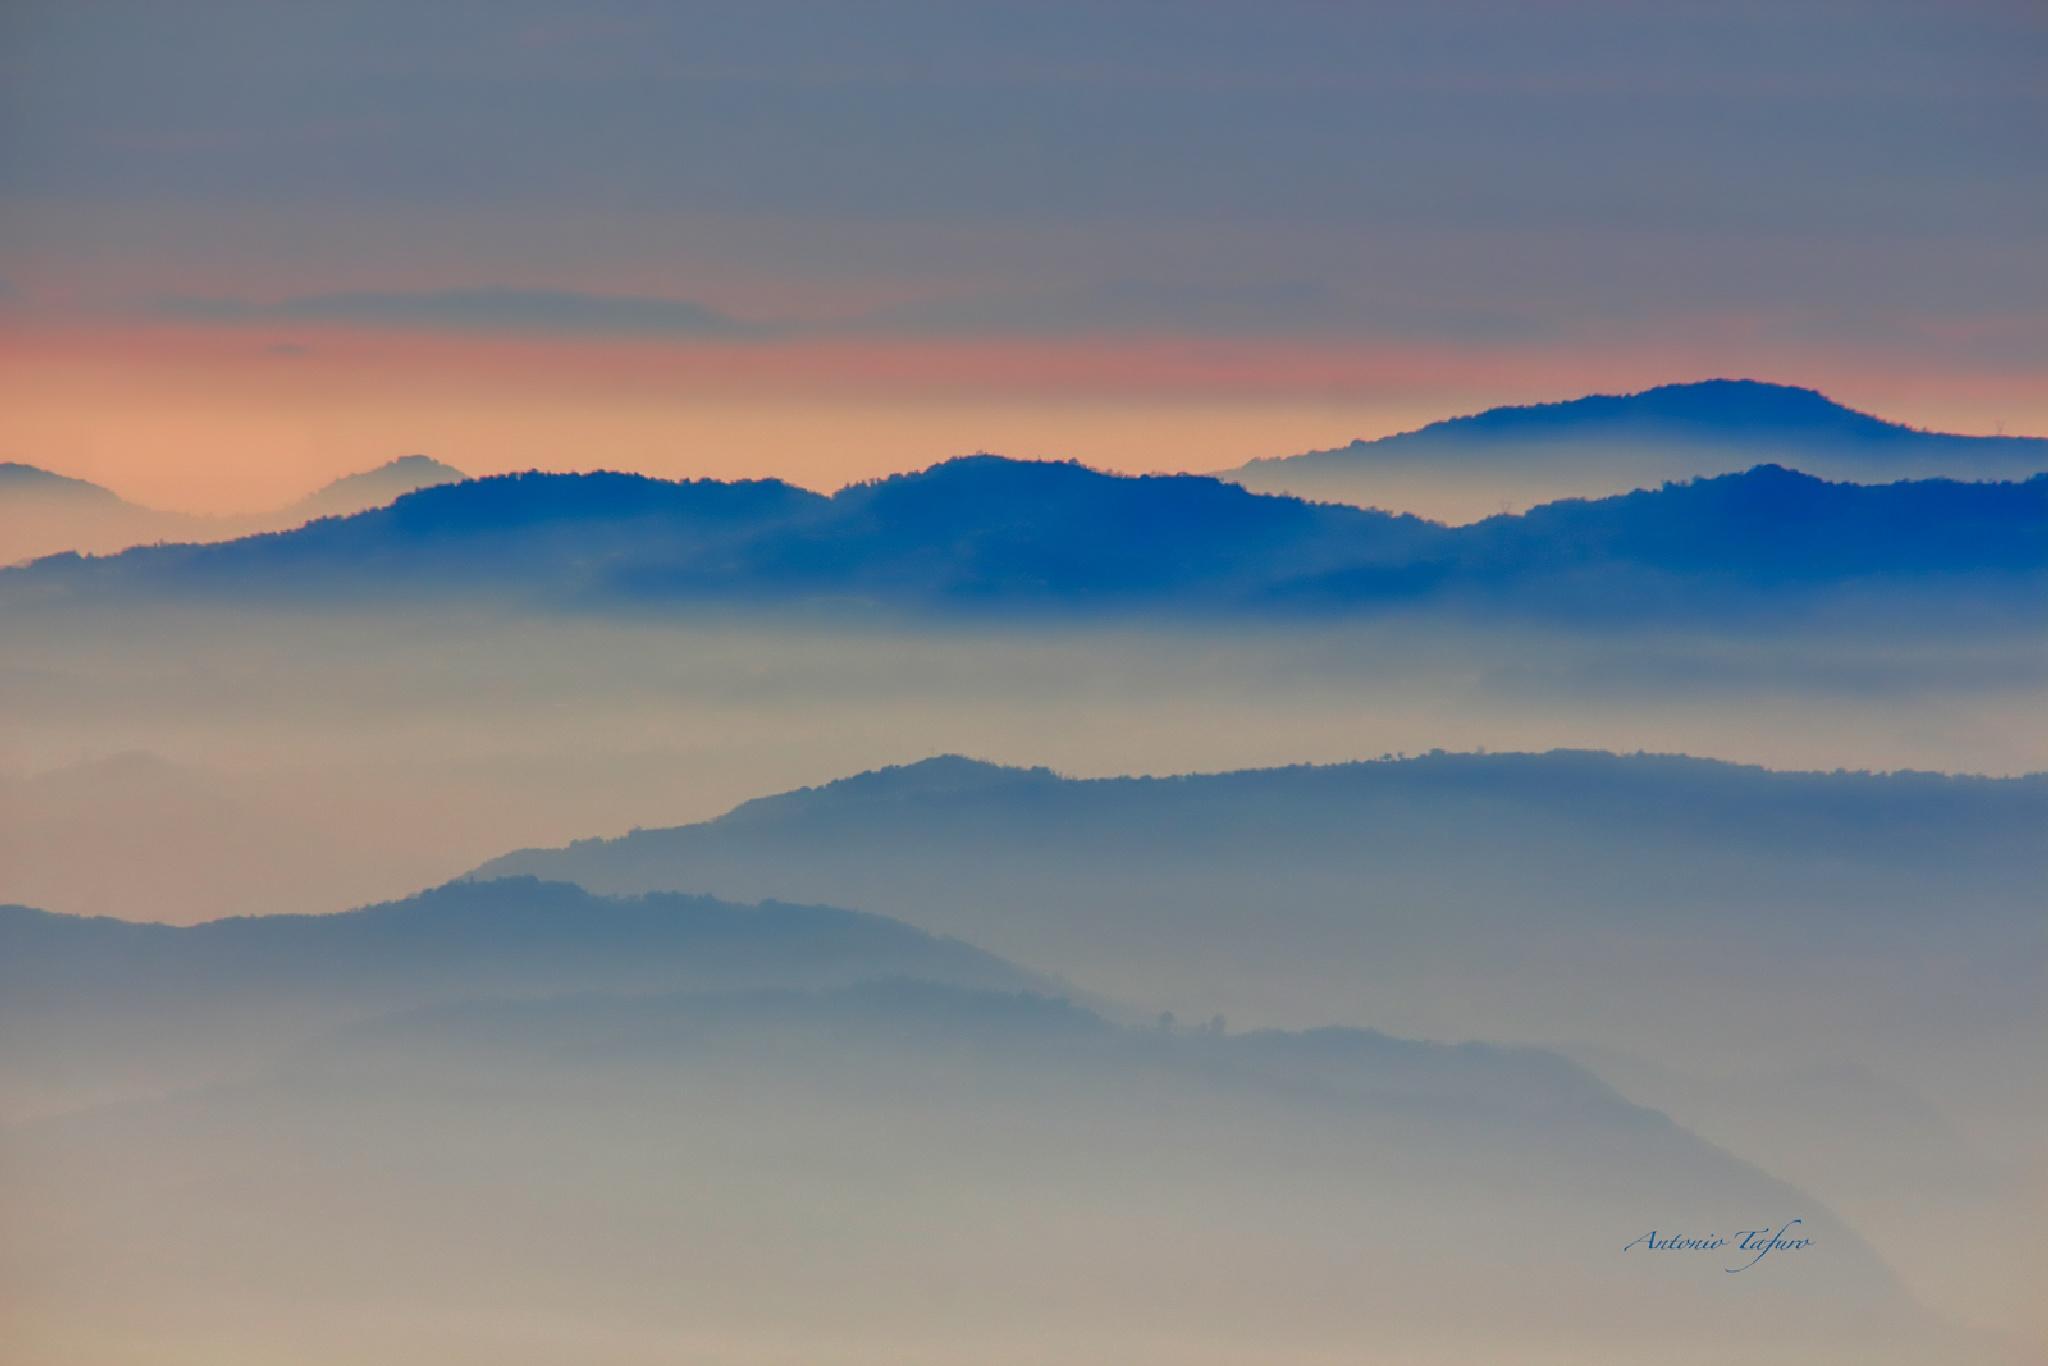 colline di sera by Antonio Tafuro